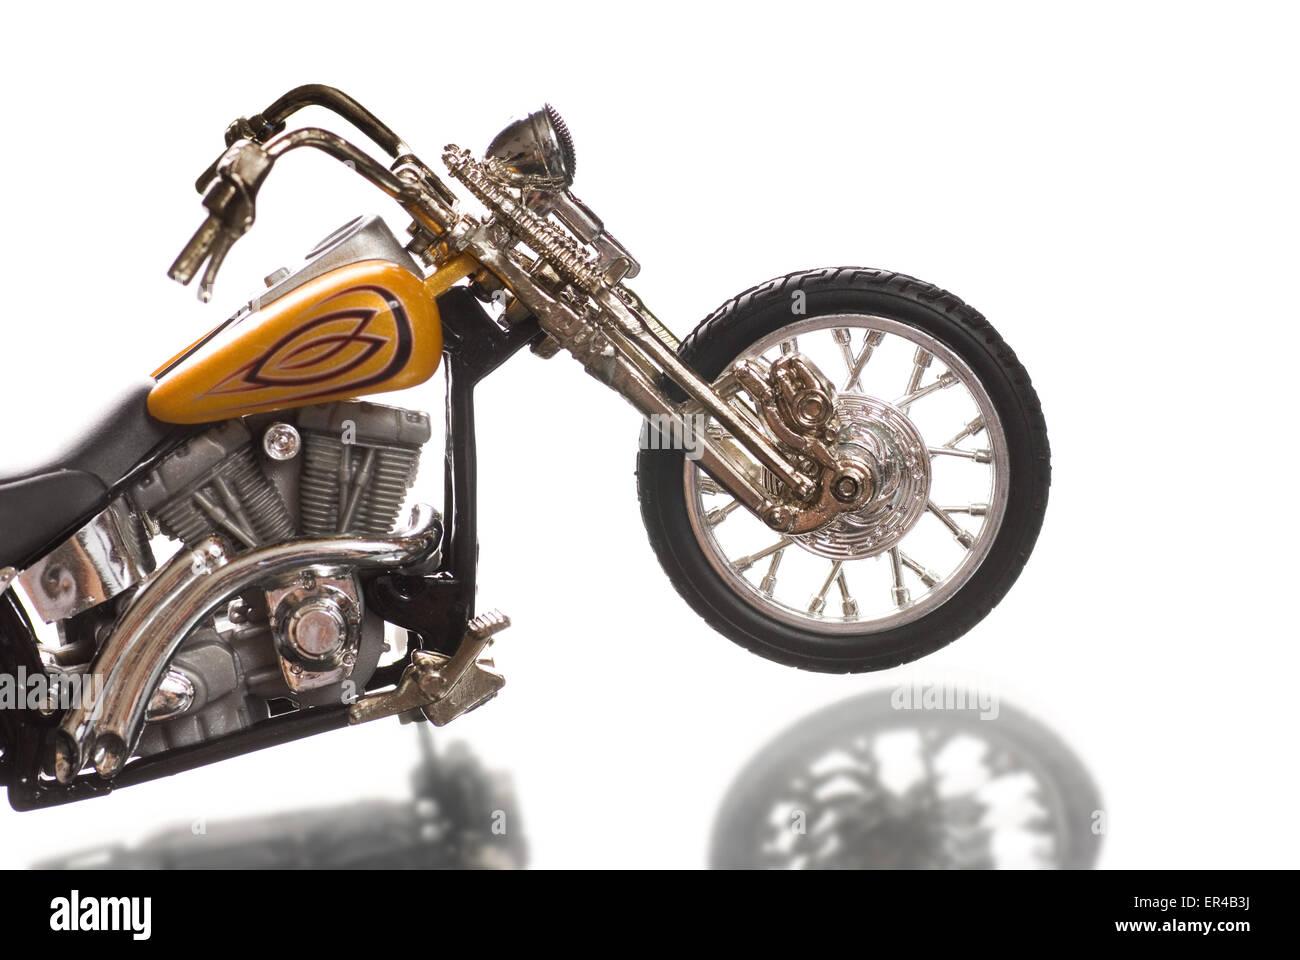 Motorcycle isolated on white background - Stock Image